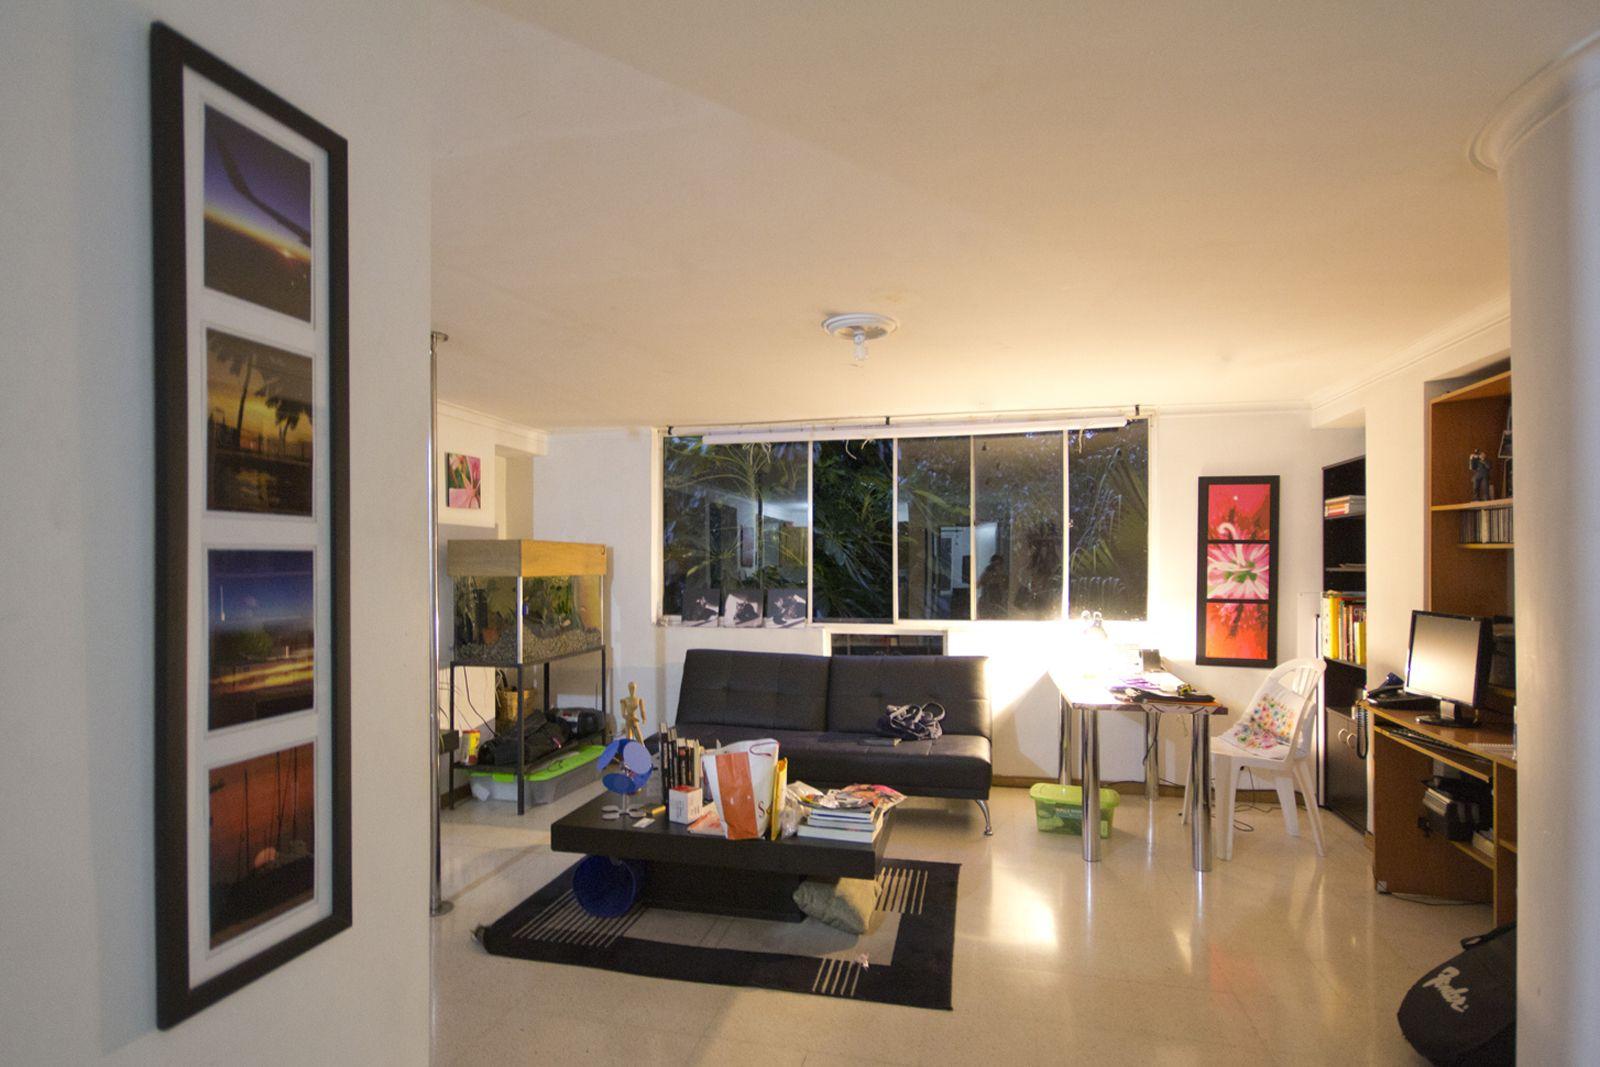 Estoy En El Proceso De Remodelar Mi Casa Quiero Pintar Las Paredes  -> Tapete De Sala Pintado